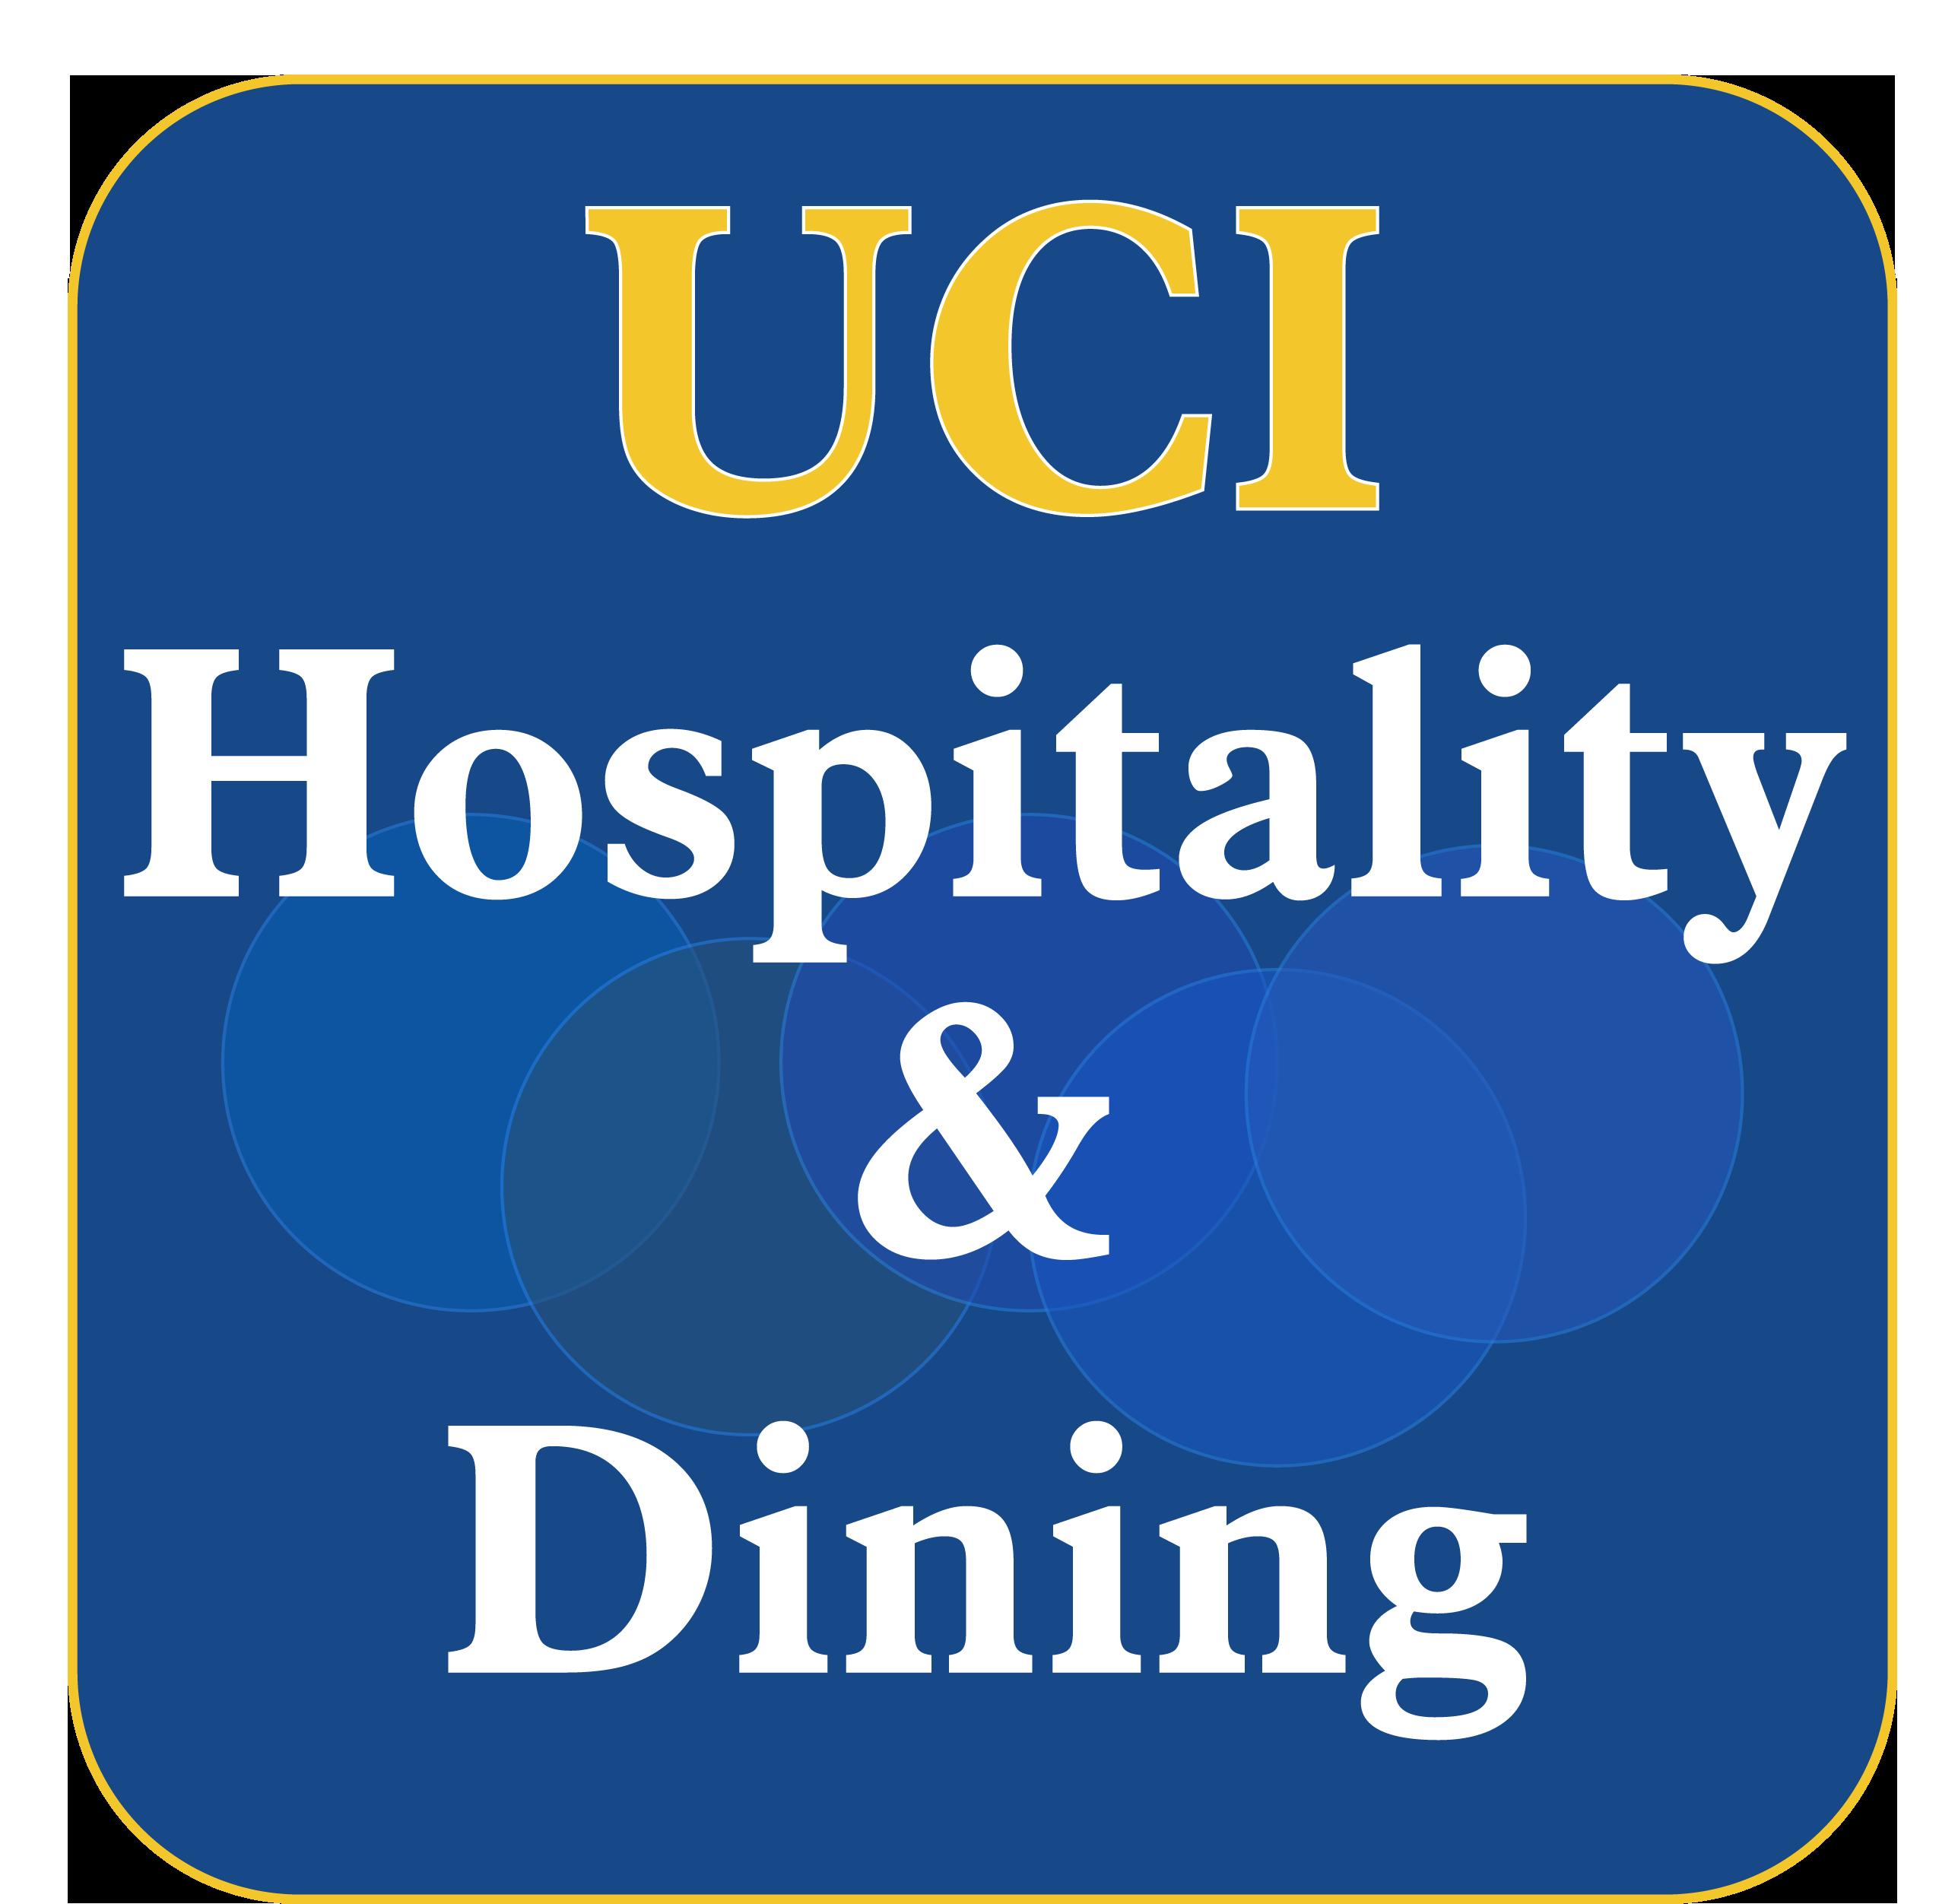 UCI Hospitality & Dining